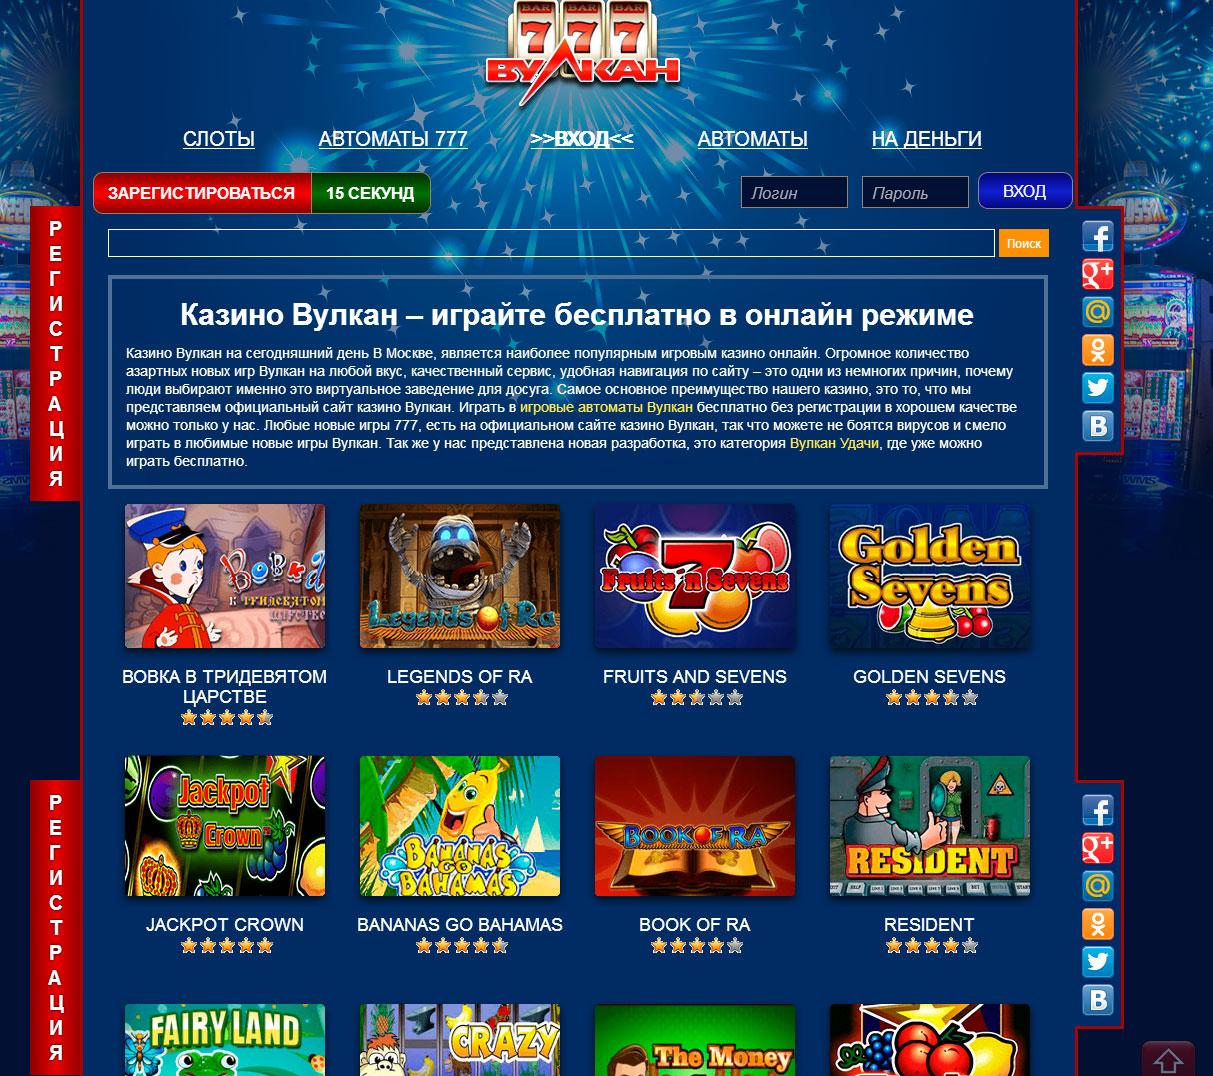 Казино Вулкан – играйте бесплатно в онлайн режиме